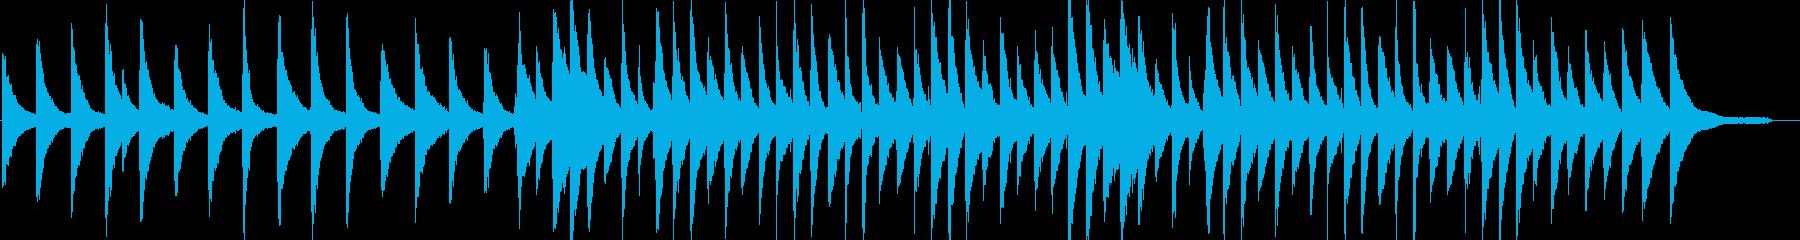 リラックス・ジャズ・映像・イベント用の再生済みの波形